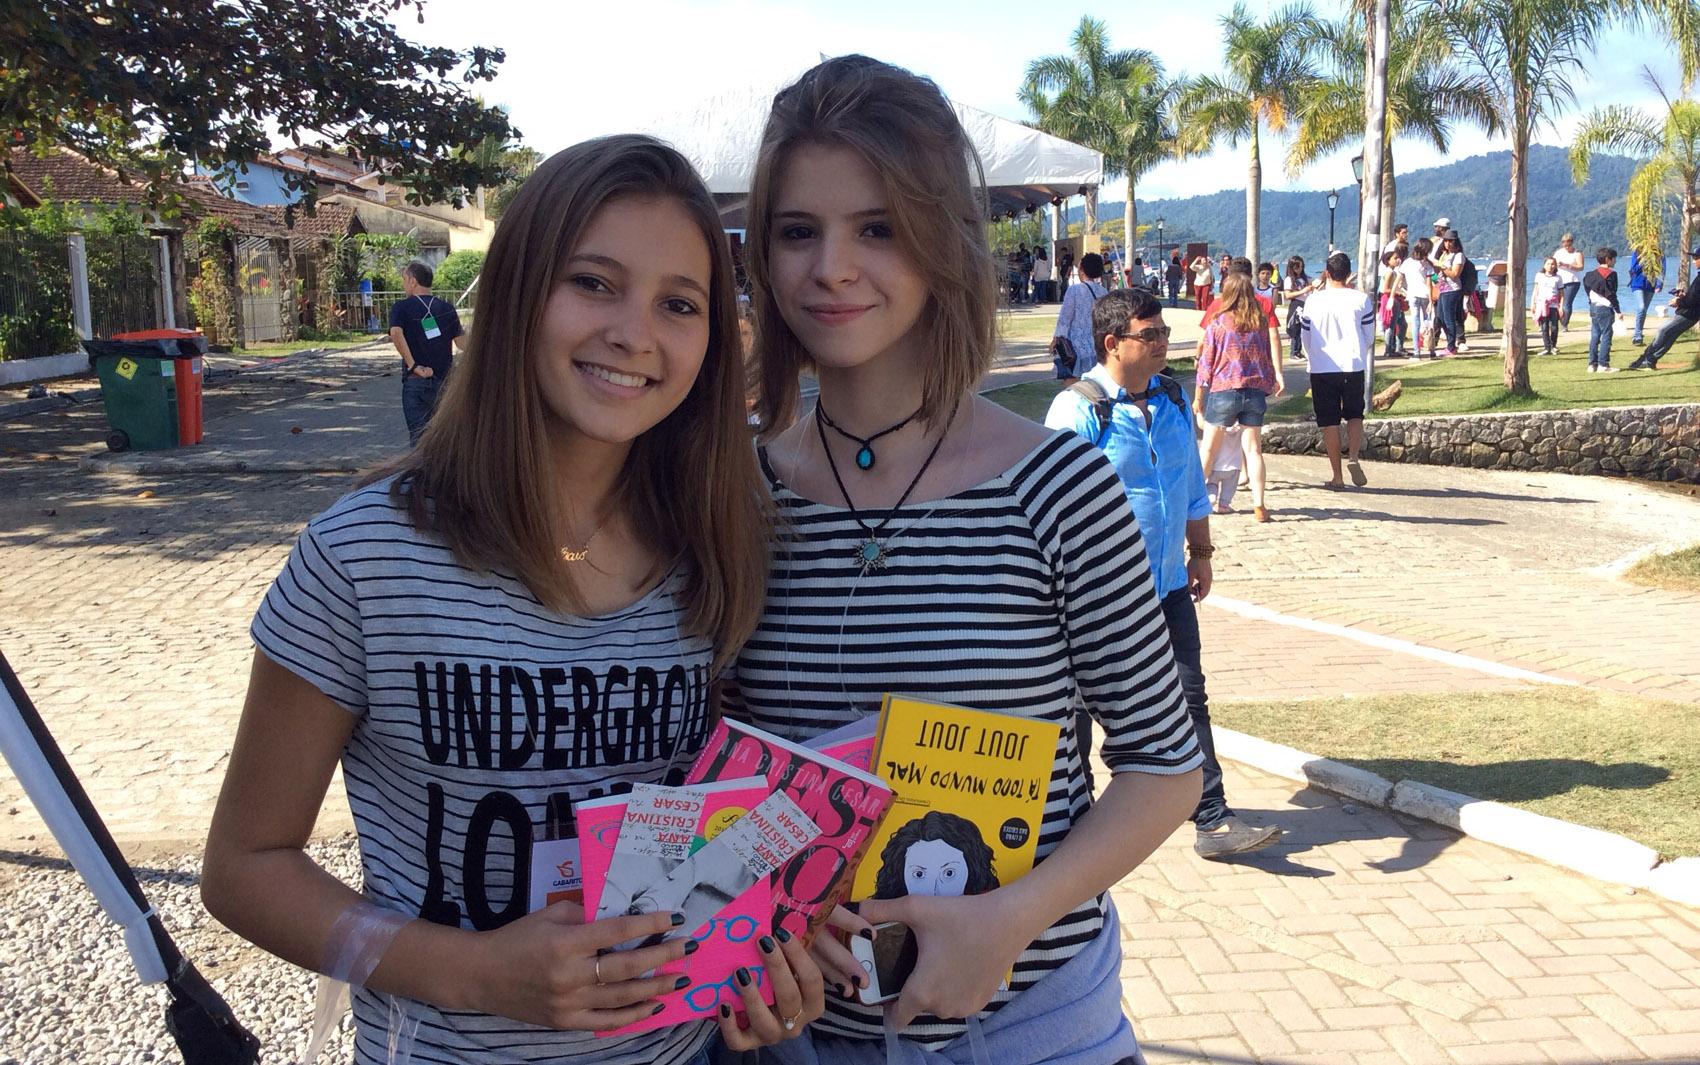 """Laiza Andrade Barbosa e Lara Martins, as duas de 16 anos, de Uberlândia (MG): """"'O abraço', de Lygia Bojunga, tocou muito a gente porque fala de um assunto que tem sido muito discutido recentemente: o estupro"""""""